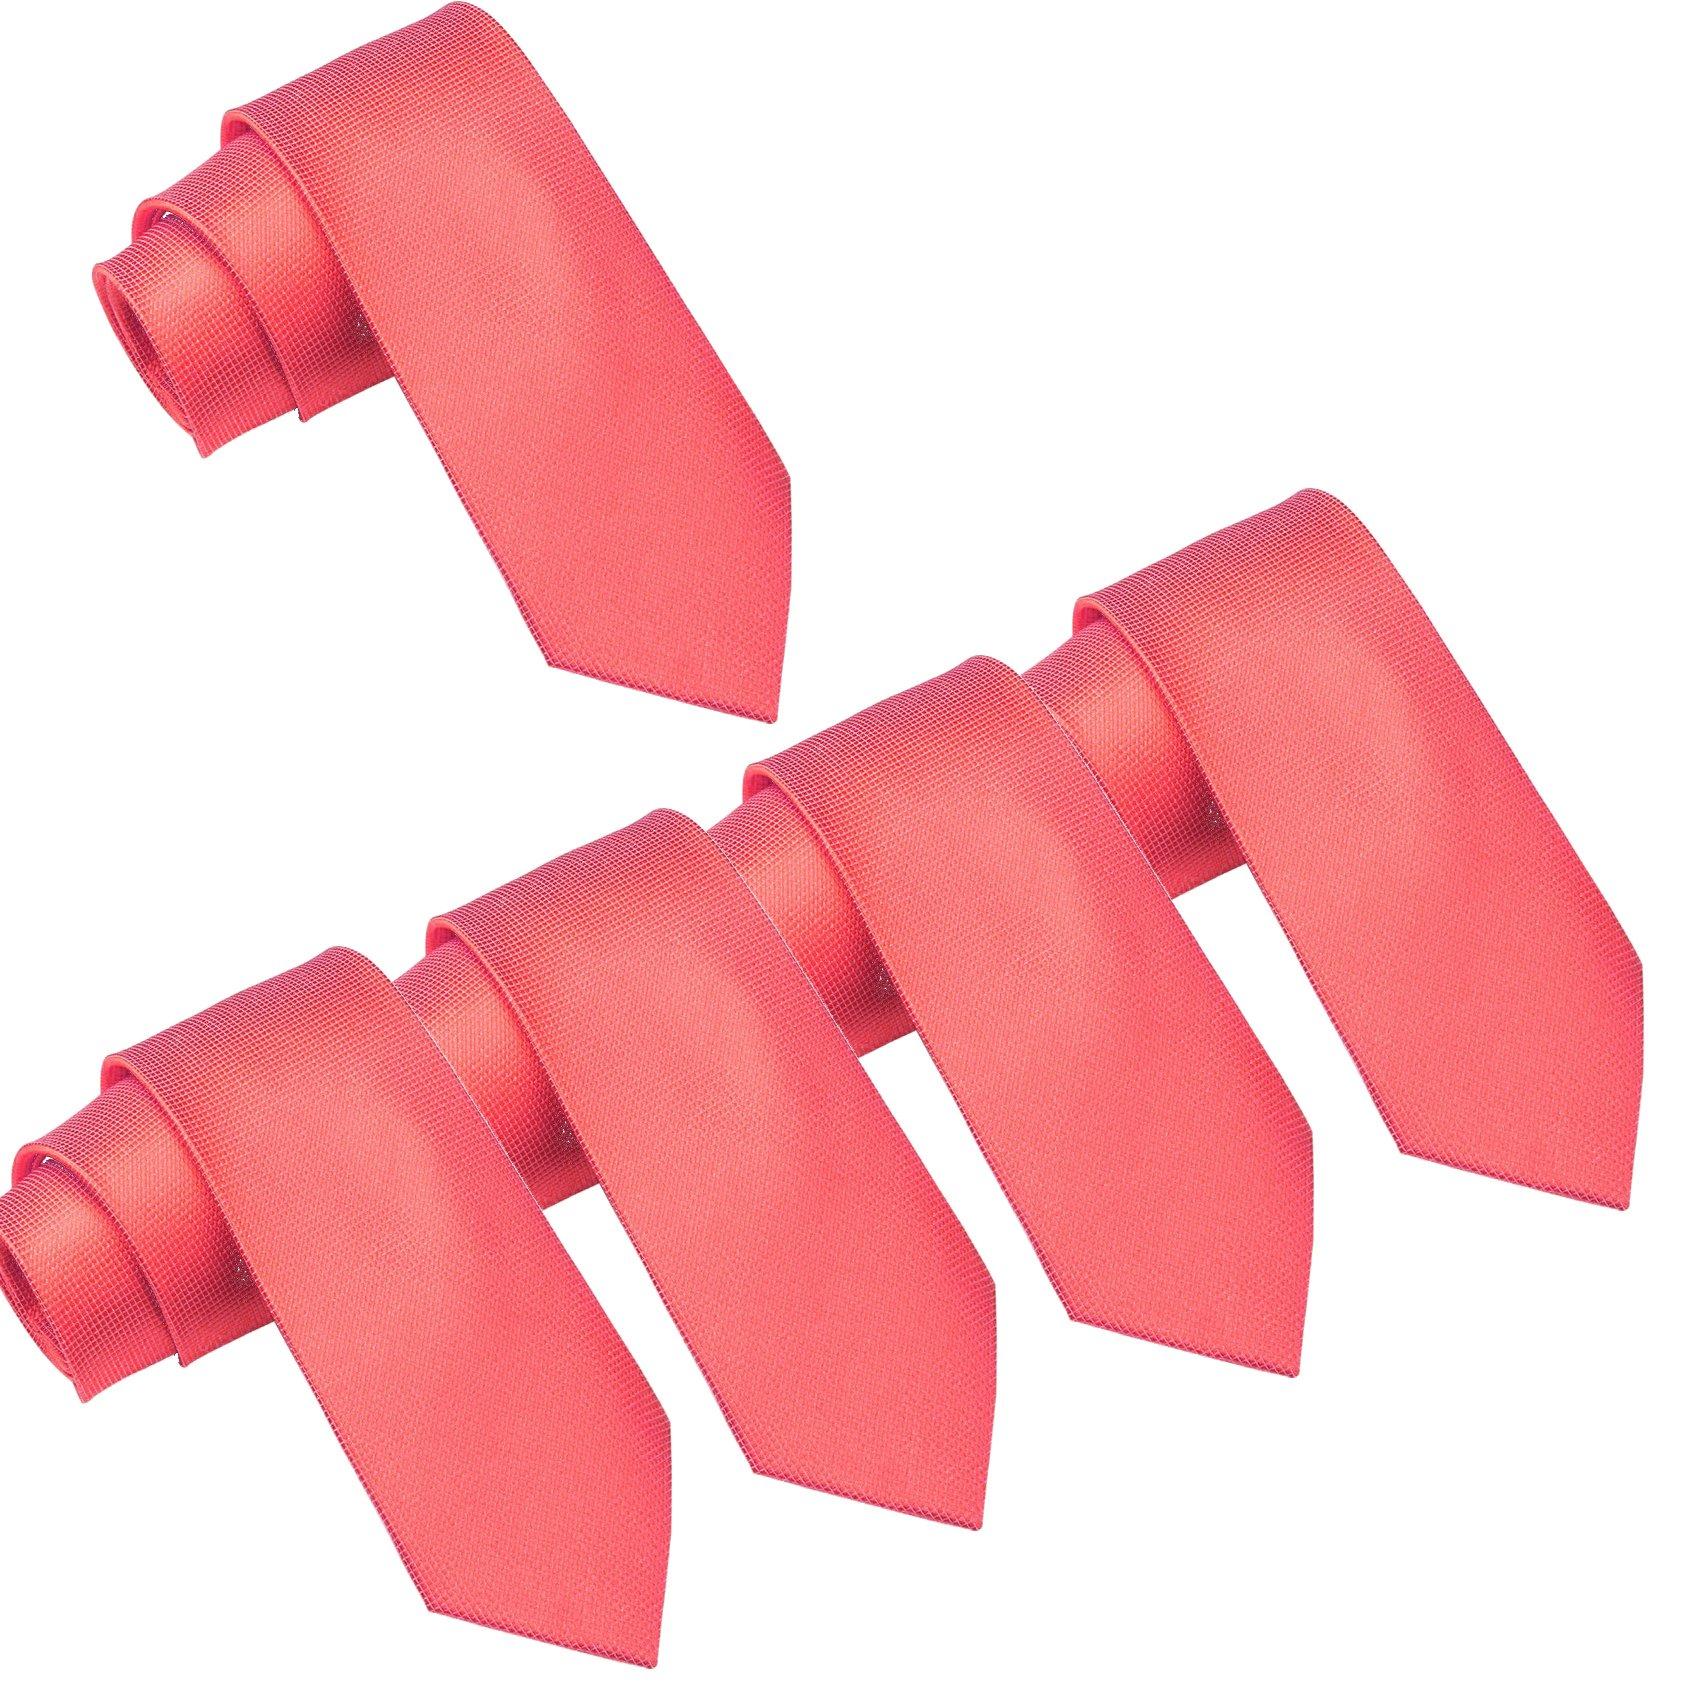 Mens Wedding Tie Wholesale Groomsman Solid Color Skinny Ties 5 Pack (2 inch) (Coral)